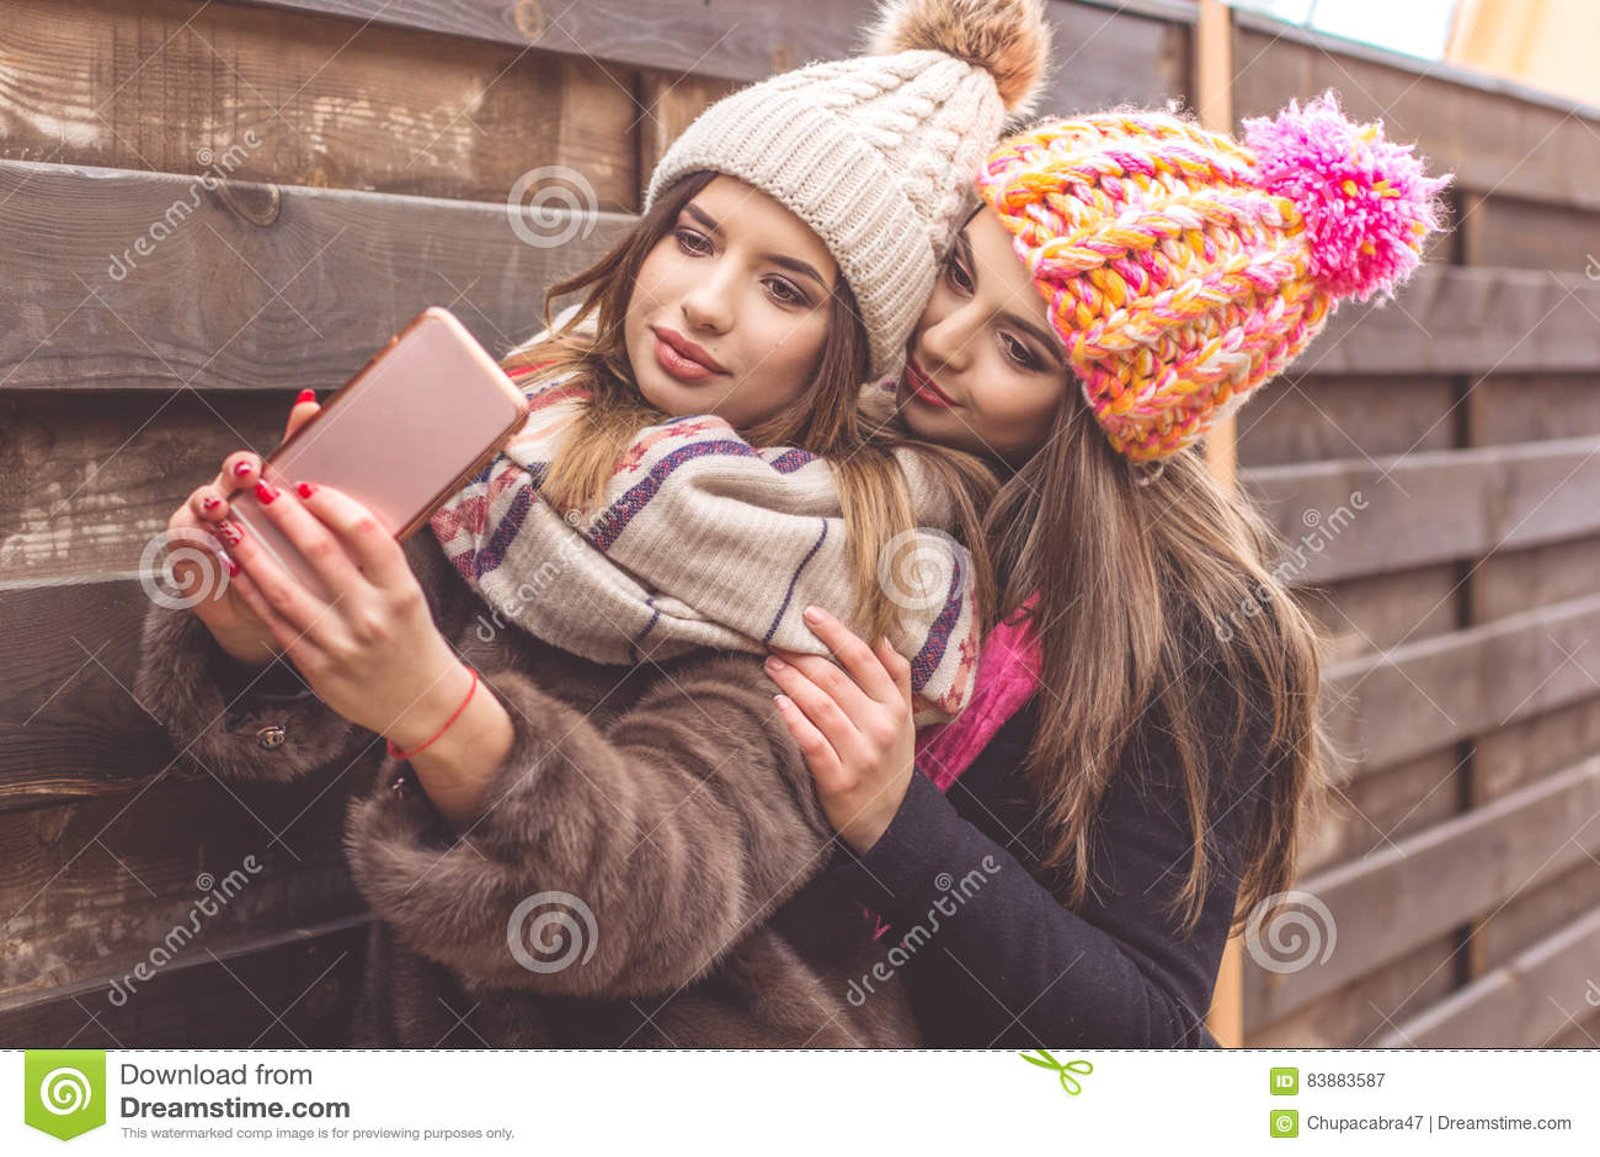 Hübsches mädchen selfie